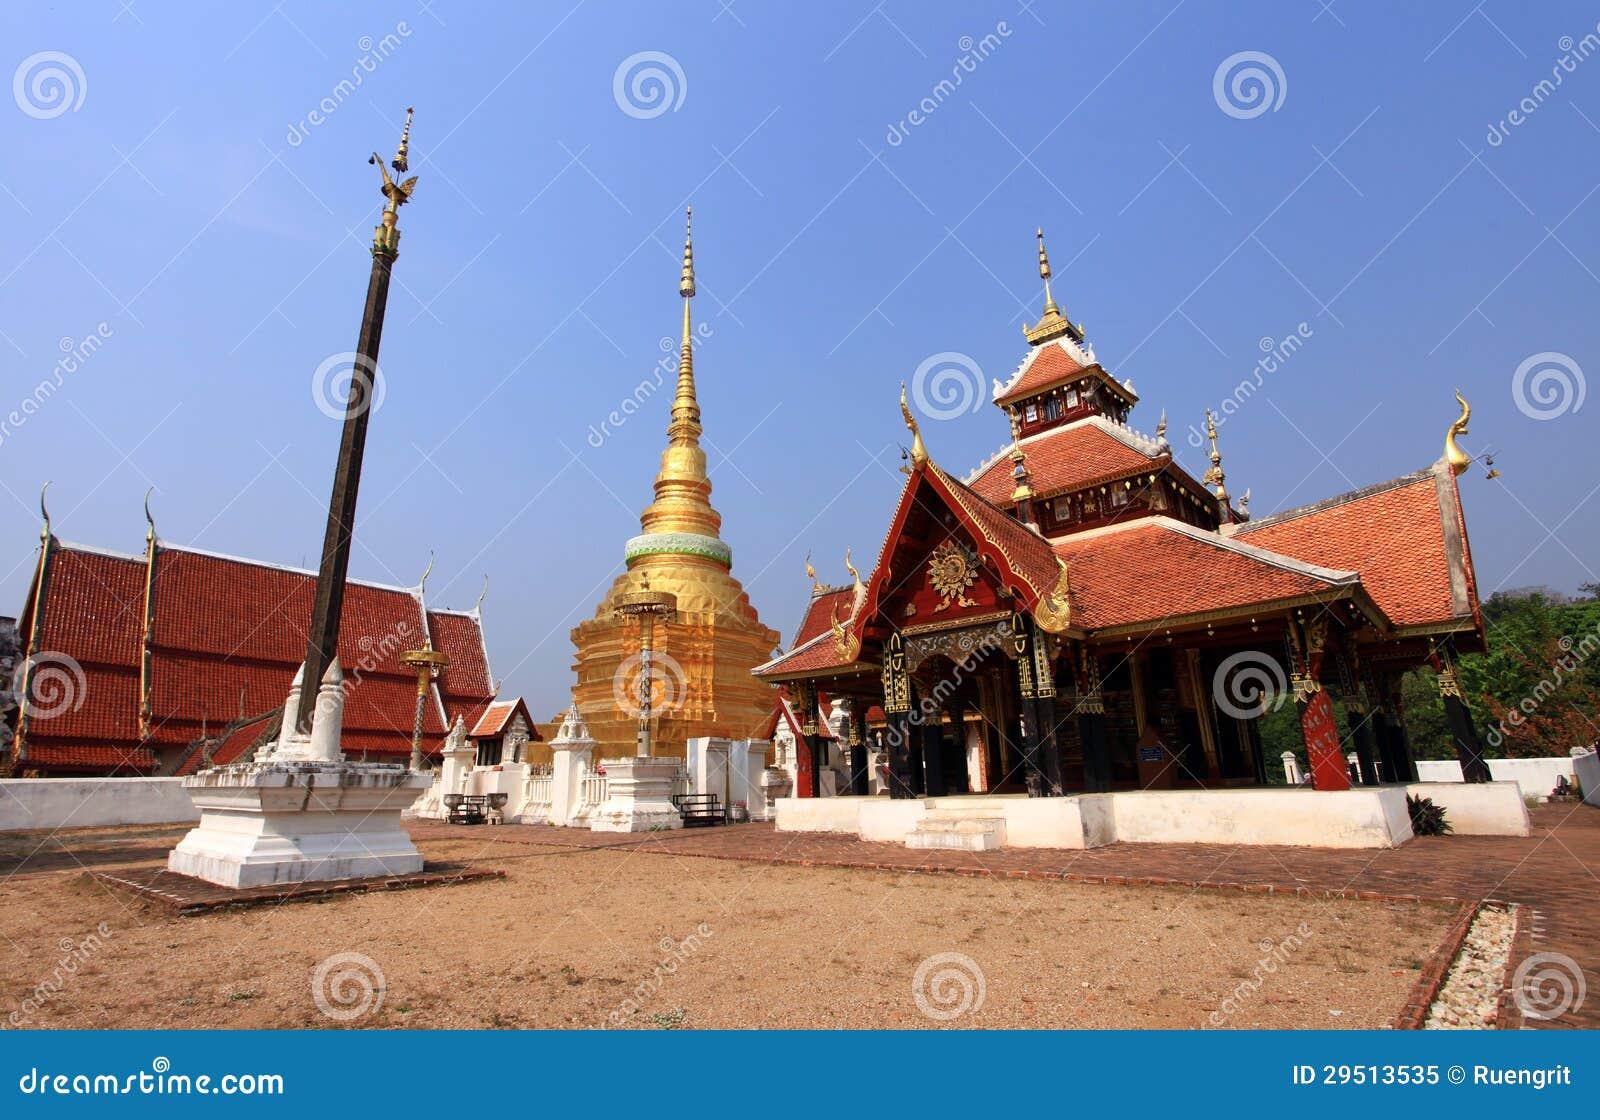 Wat Pong Sanook Nua.